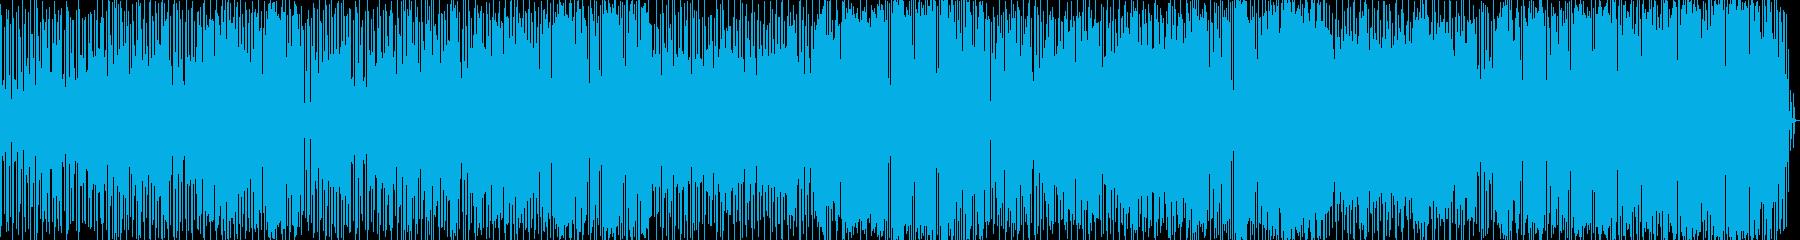 オールナイトニッポン風_ガットギター版の再生済みの波形